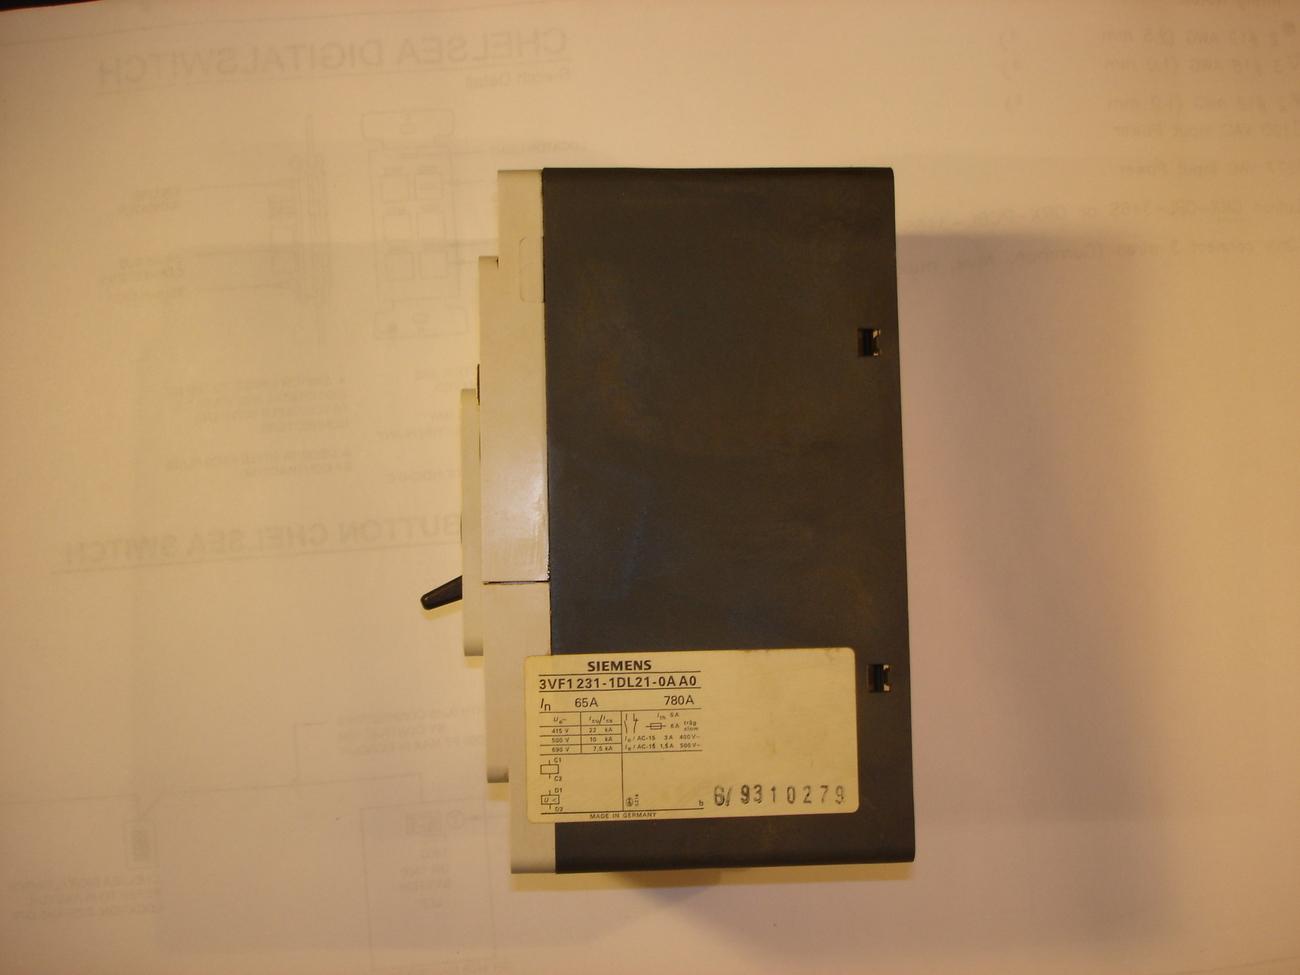 Siemens 3 Pole Circuit Breaker 3VF1231-1DL21-0AA0